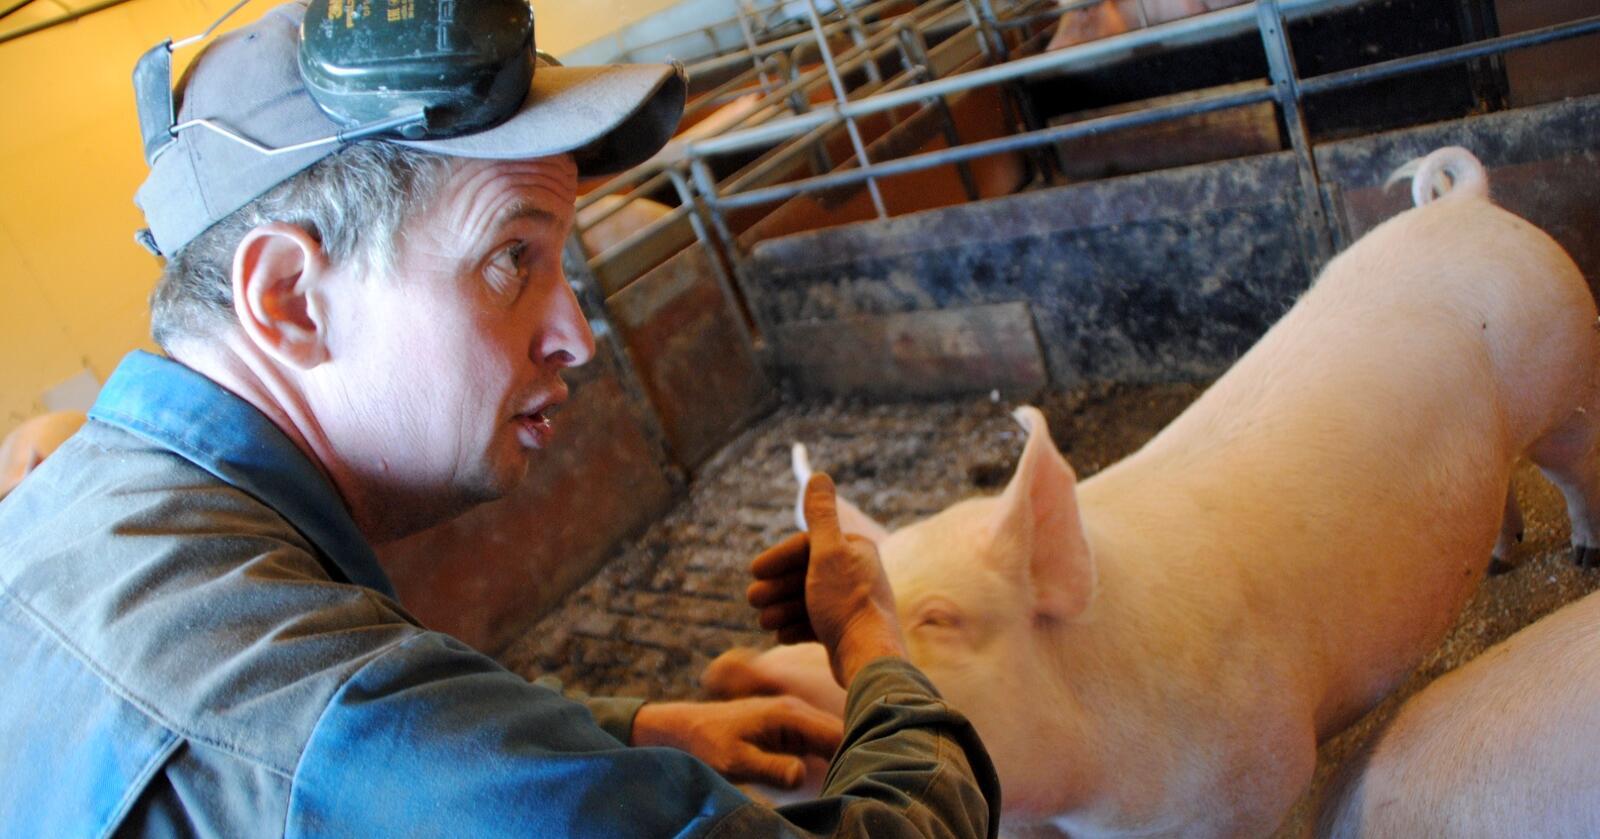 Svinebonde i Ås, Kjell Skuterud, opplever at arbeidsmengden går utover helse og familieliv. Foto: Lars Bilit Hagen